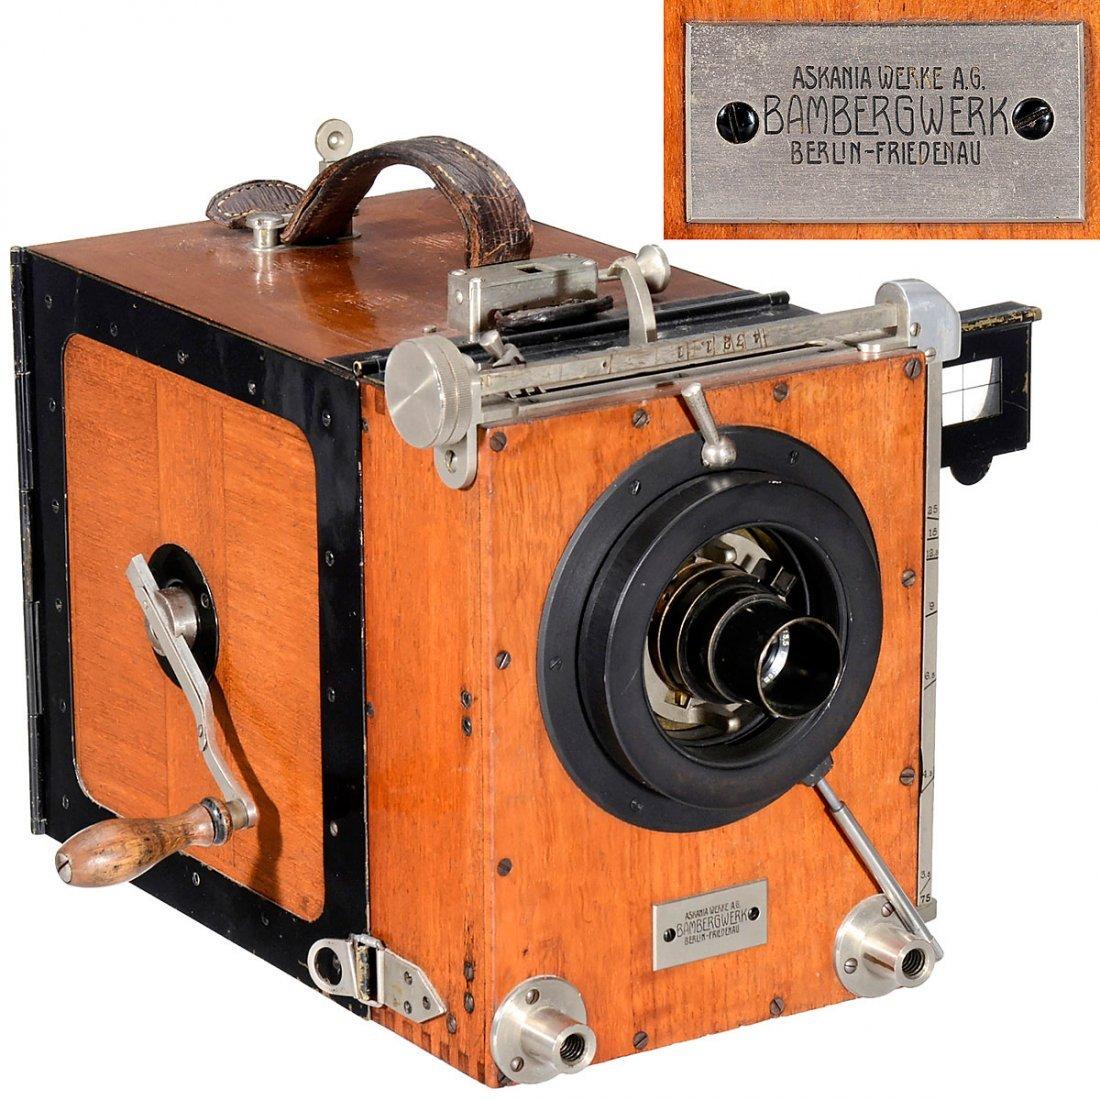 35mm Askania-Universal Movie Camera, c. 1920